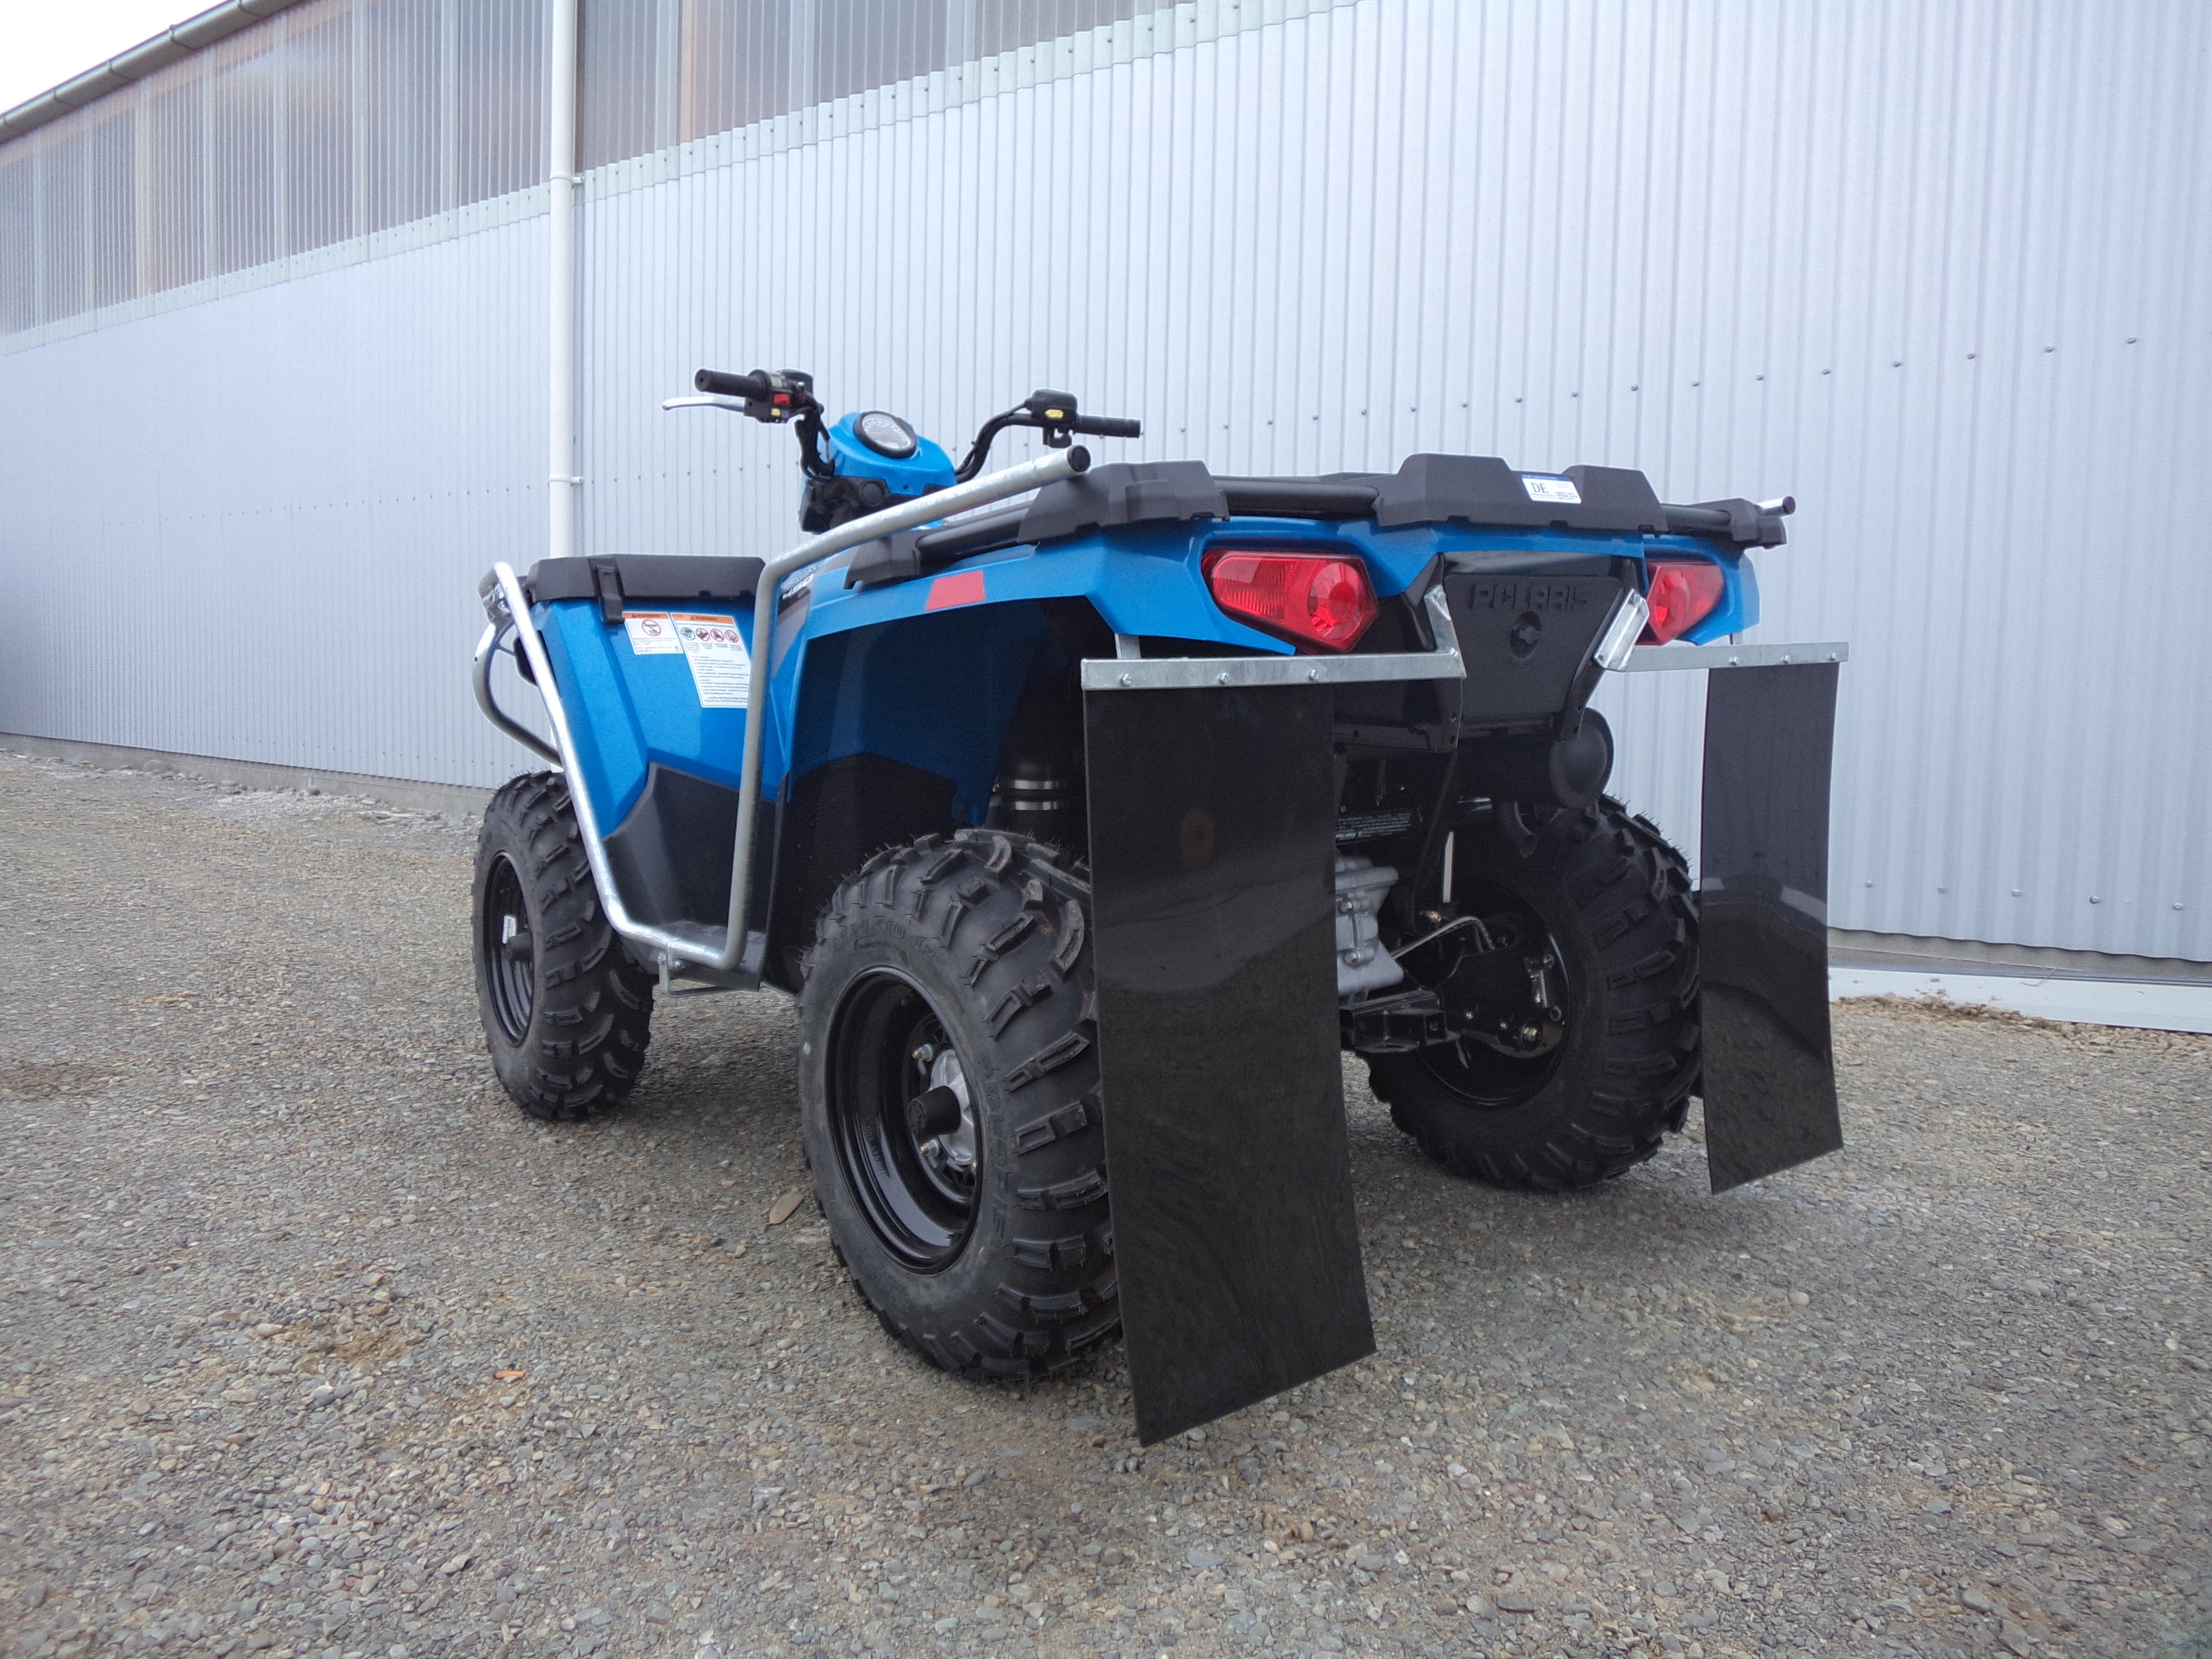 Polaris Sportsman Etx 330 570 Bullbar Amp Mudflap Kit